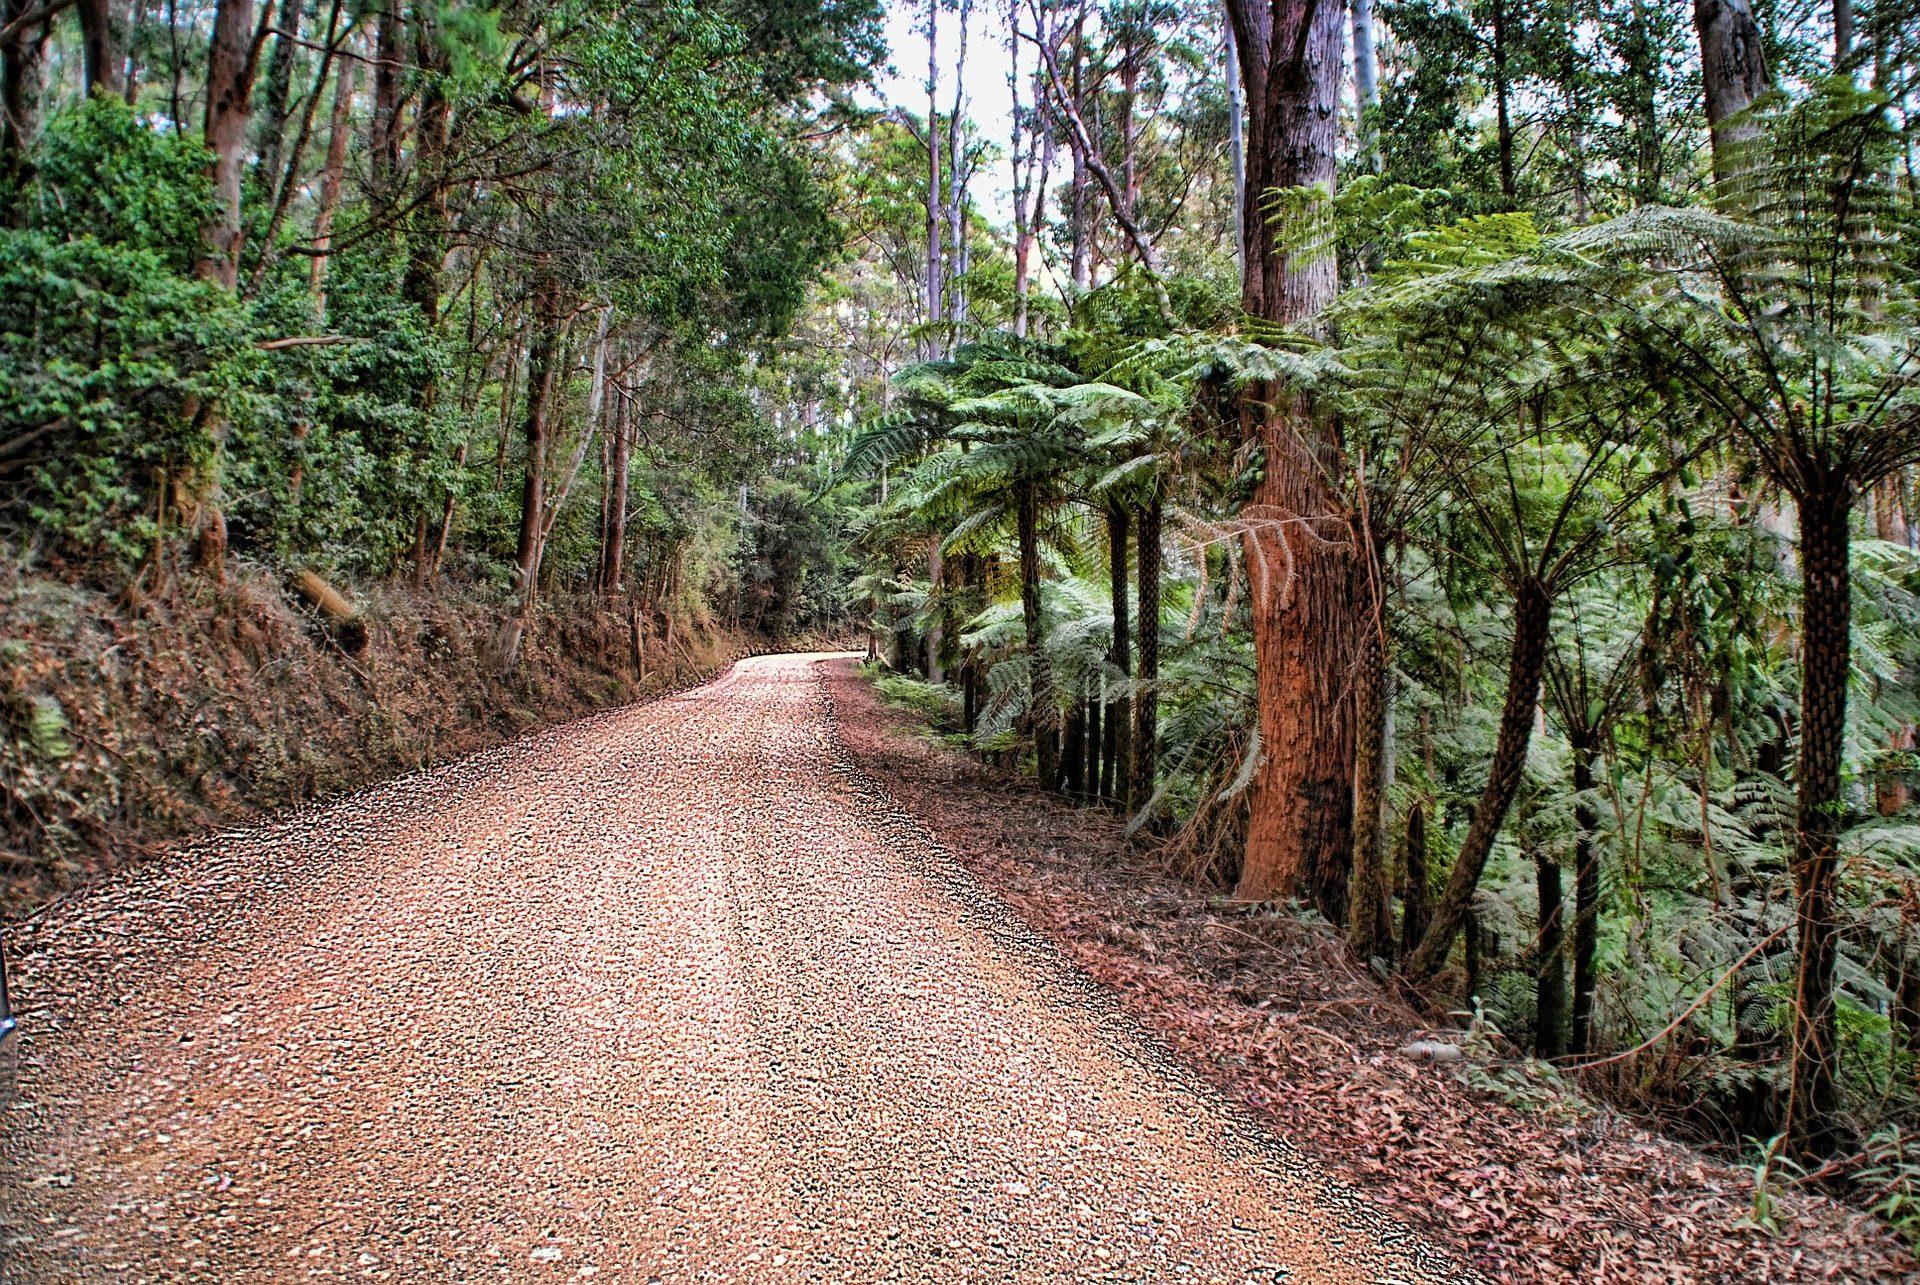 camino, Strada, Jungle, alberi, erbaccia, vegetazione - Sfondi HD - Professor-falken.com